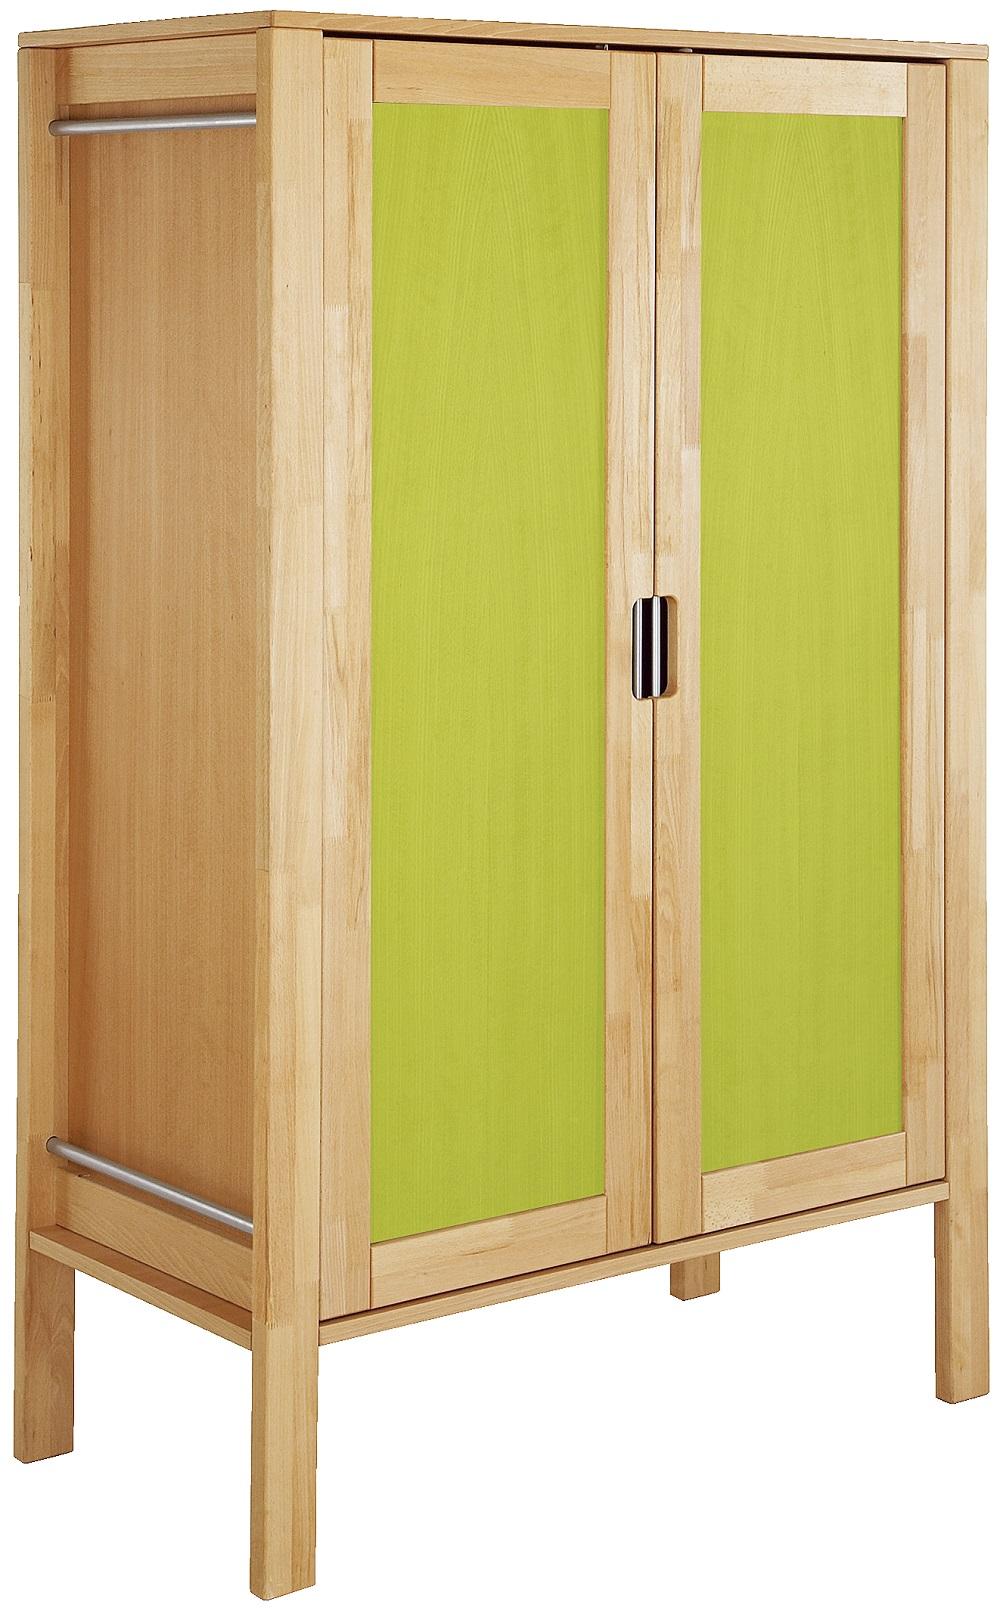 Šatní skříň Haba Matti 8387 zelená